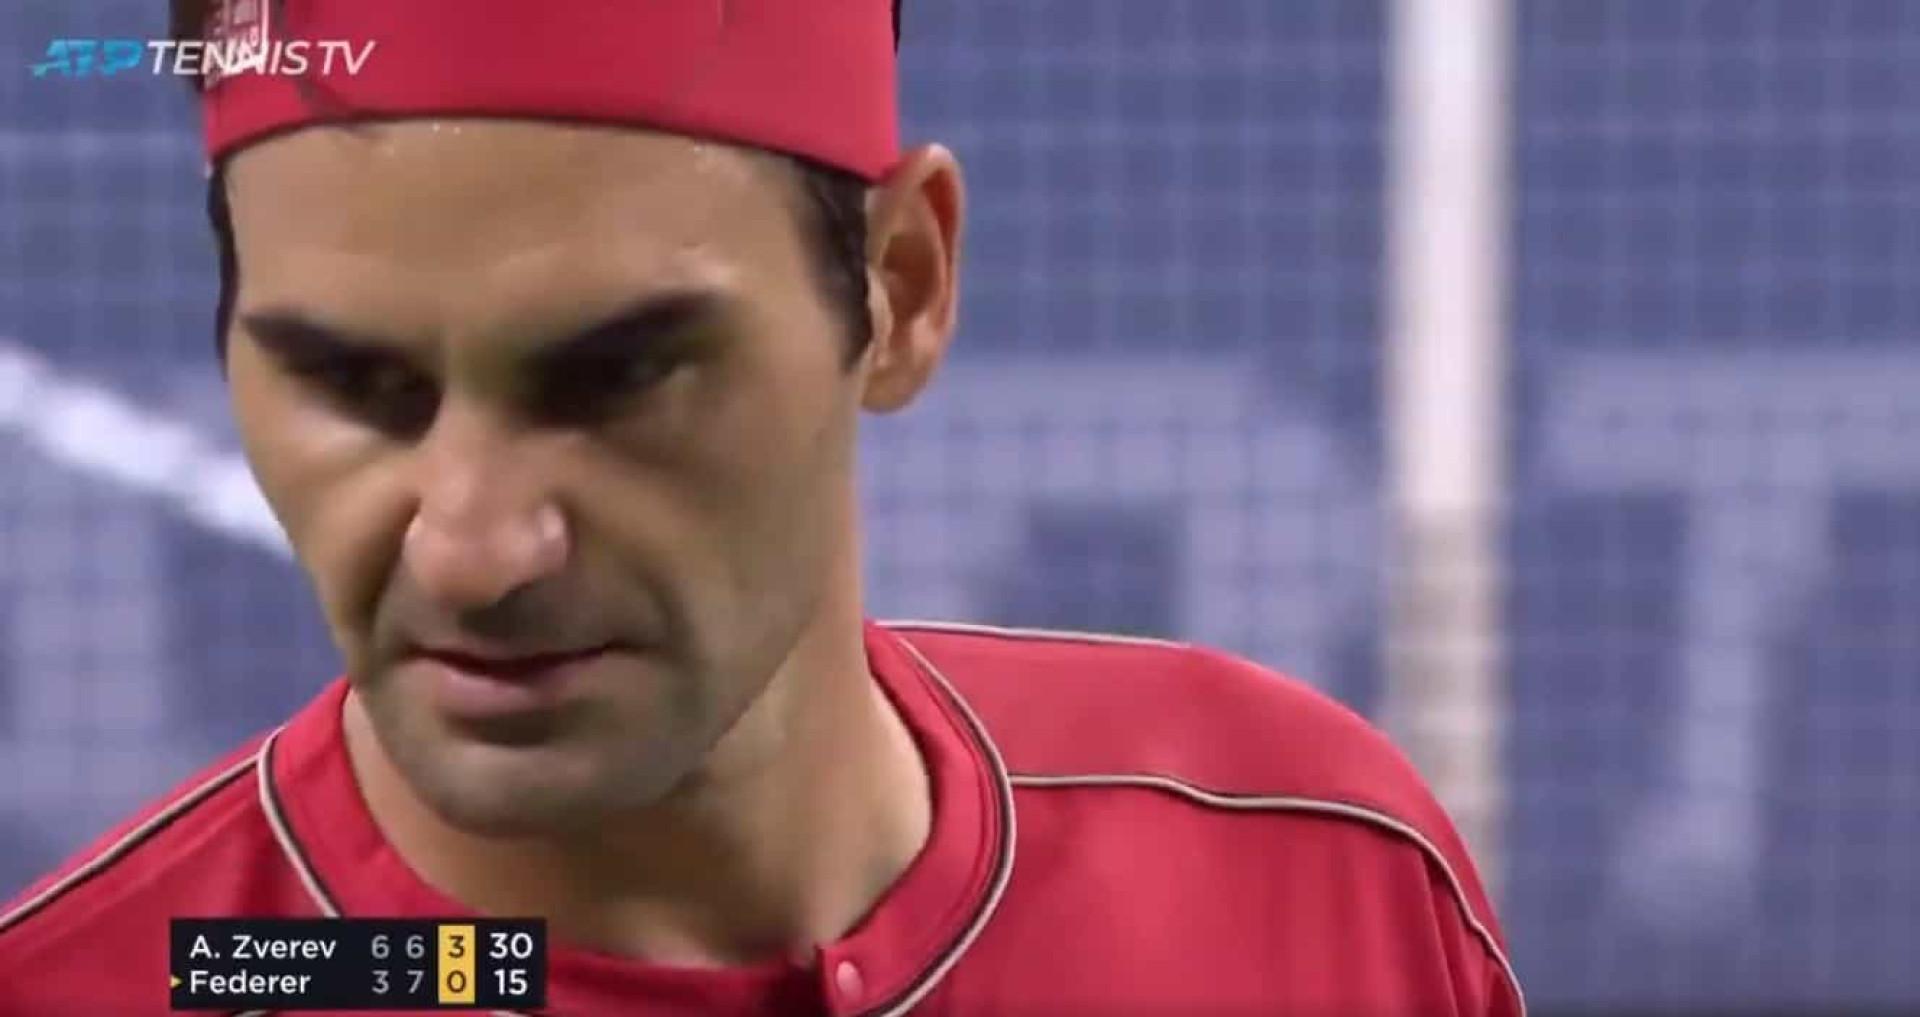 Federer ultrapassou os limites e o árbitro castigou-o por isto